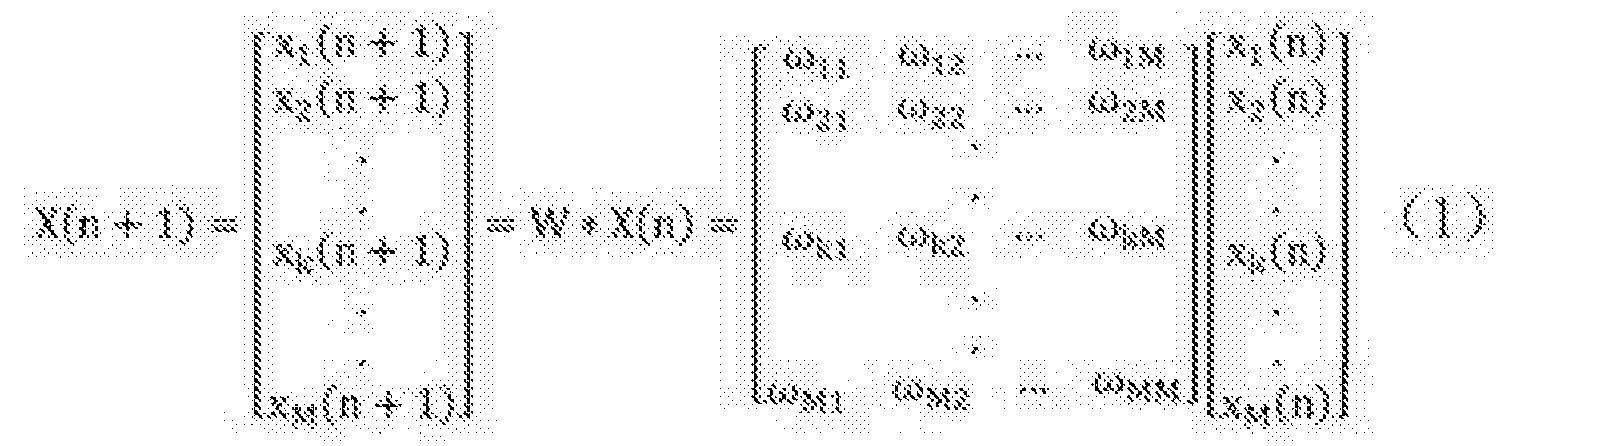 Figure CN104219759BD00062